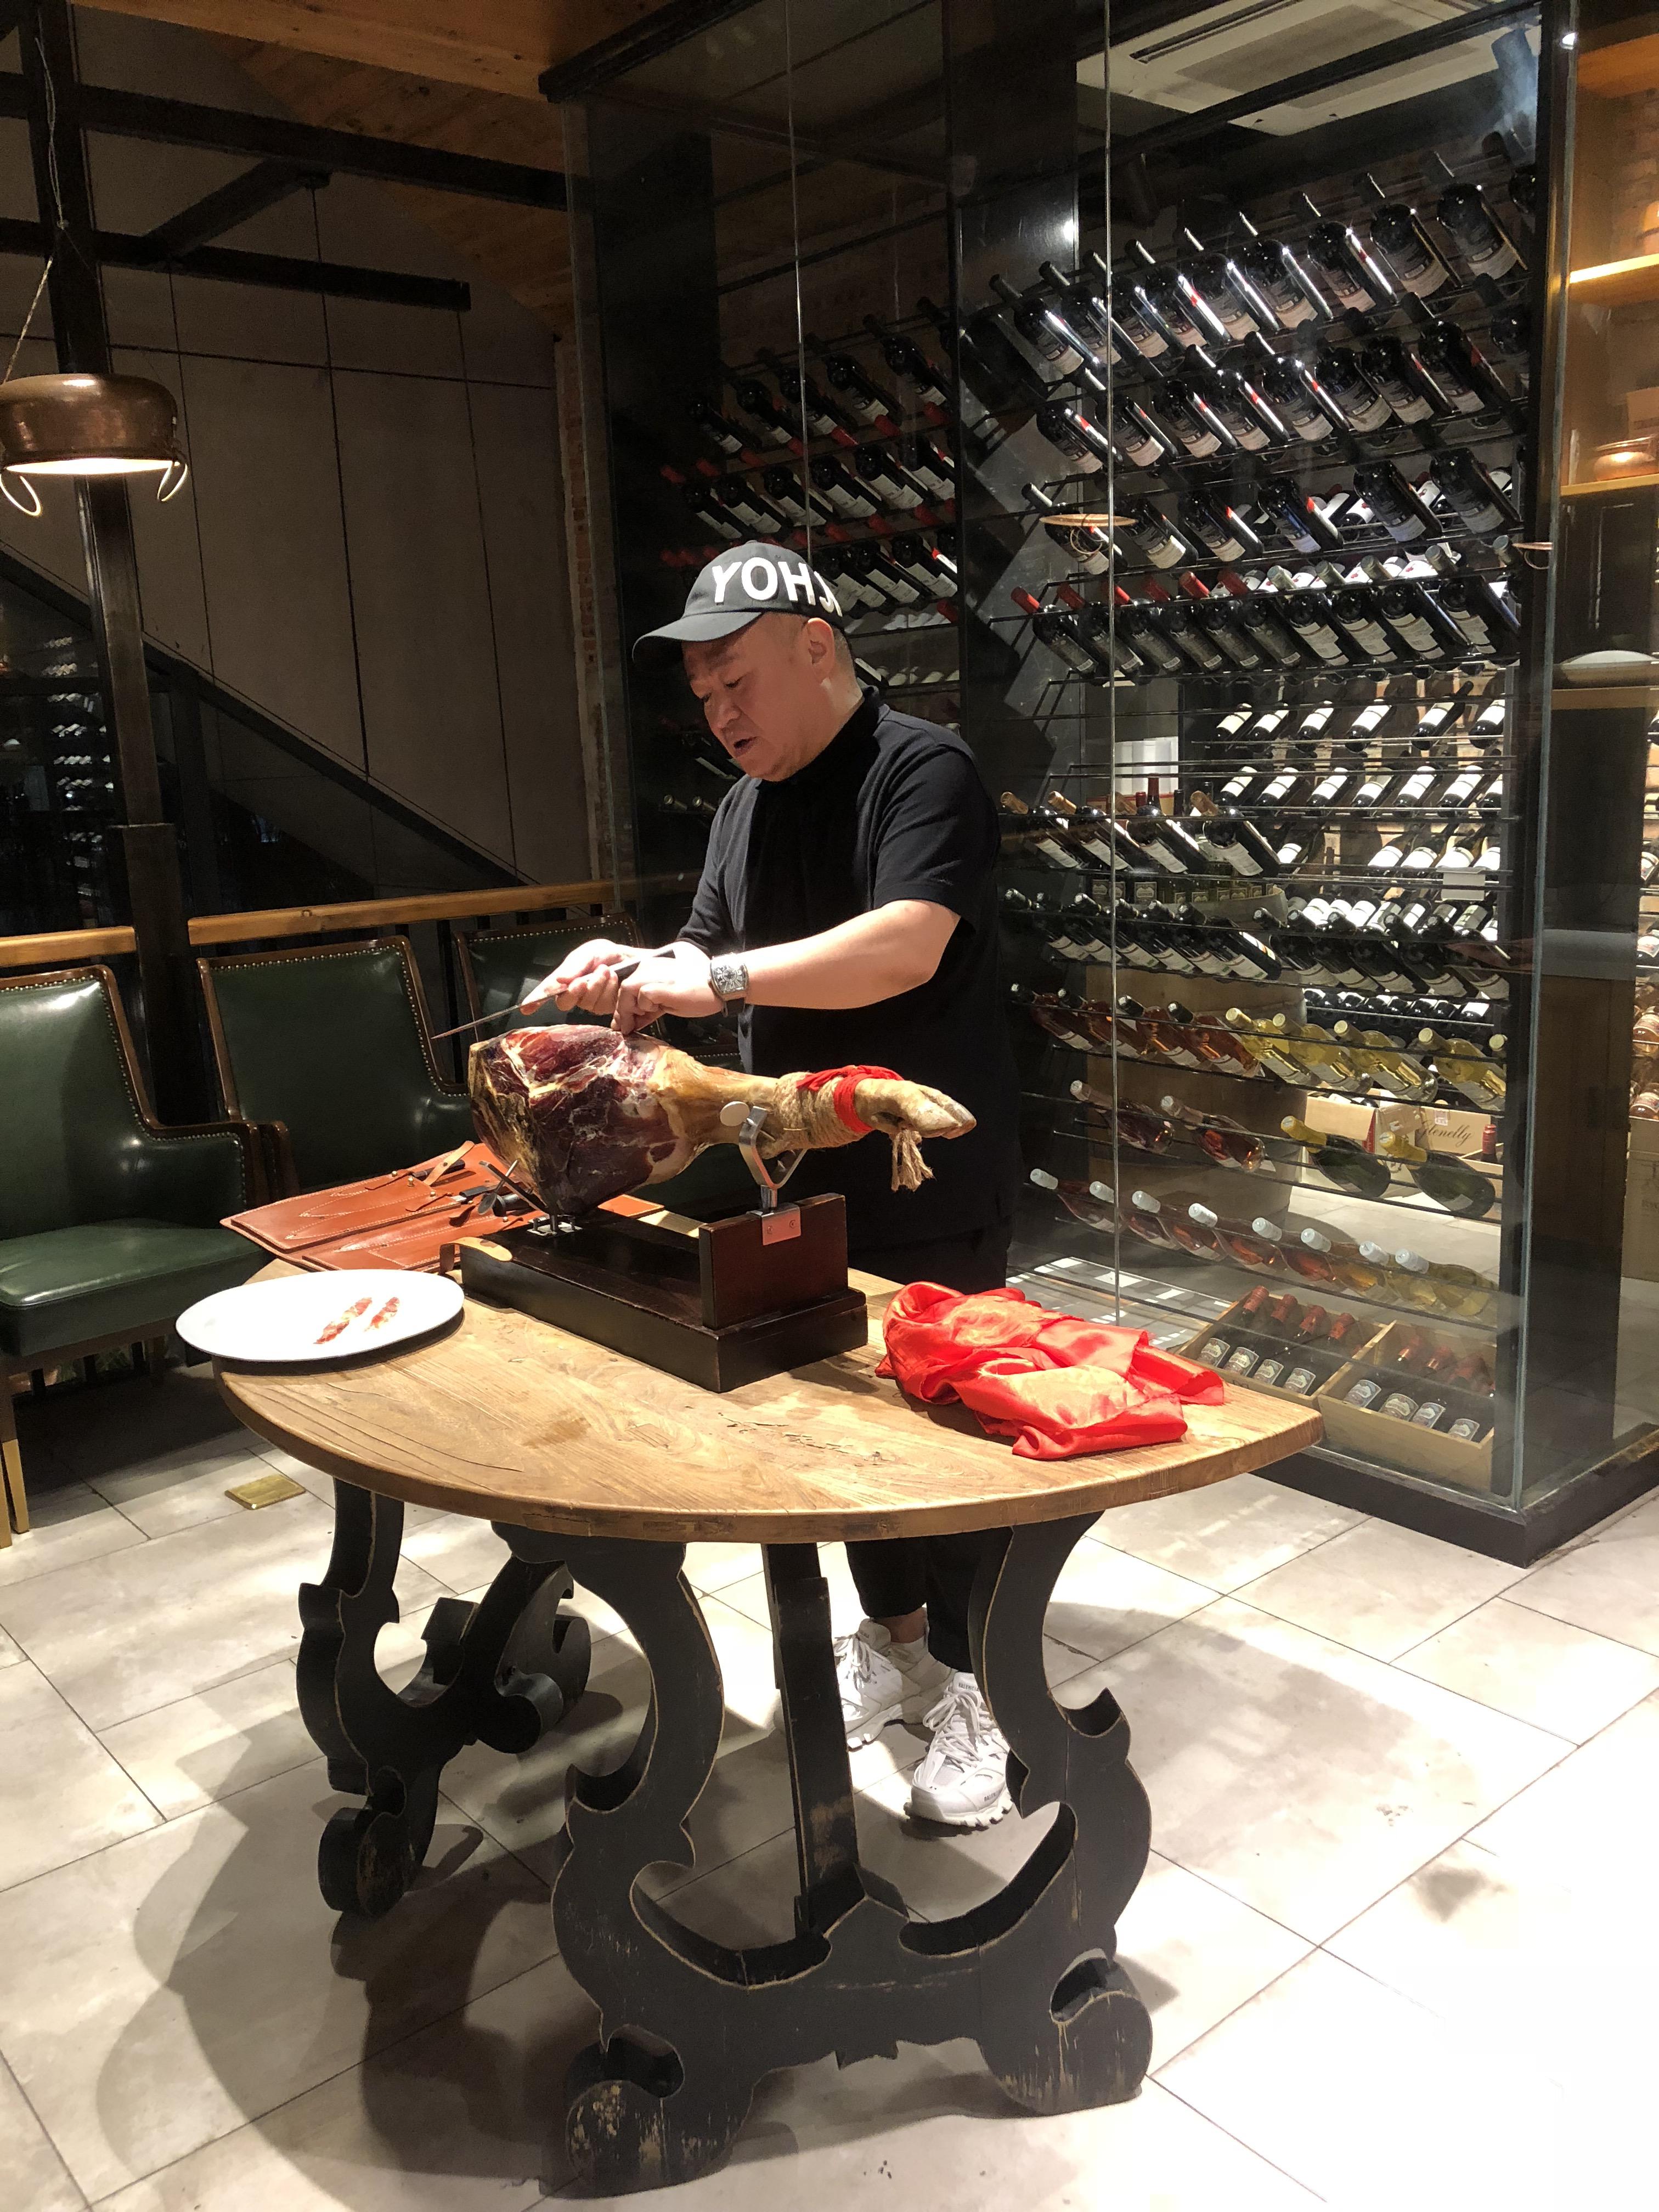 田野里的生活家,如何在北京吃到最好的云南野生菌?